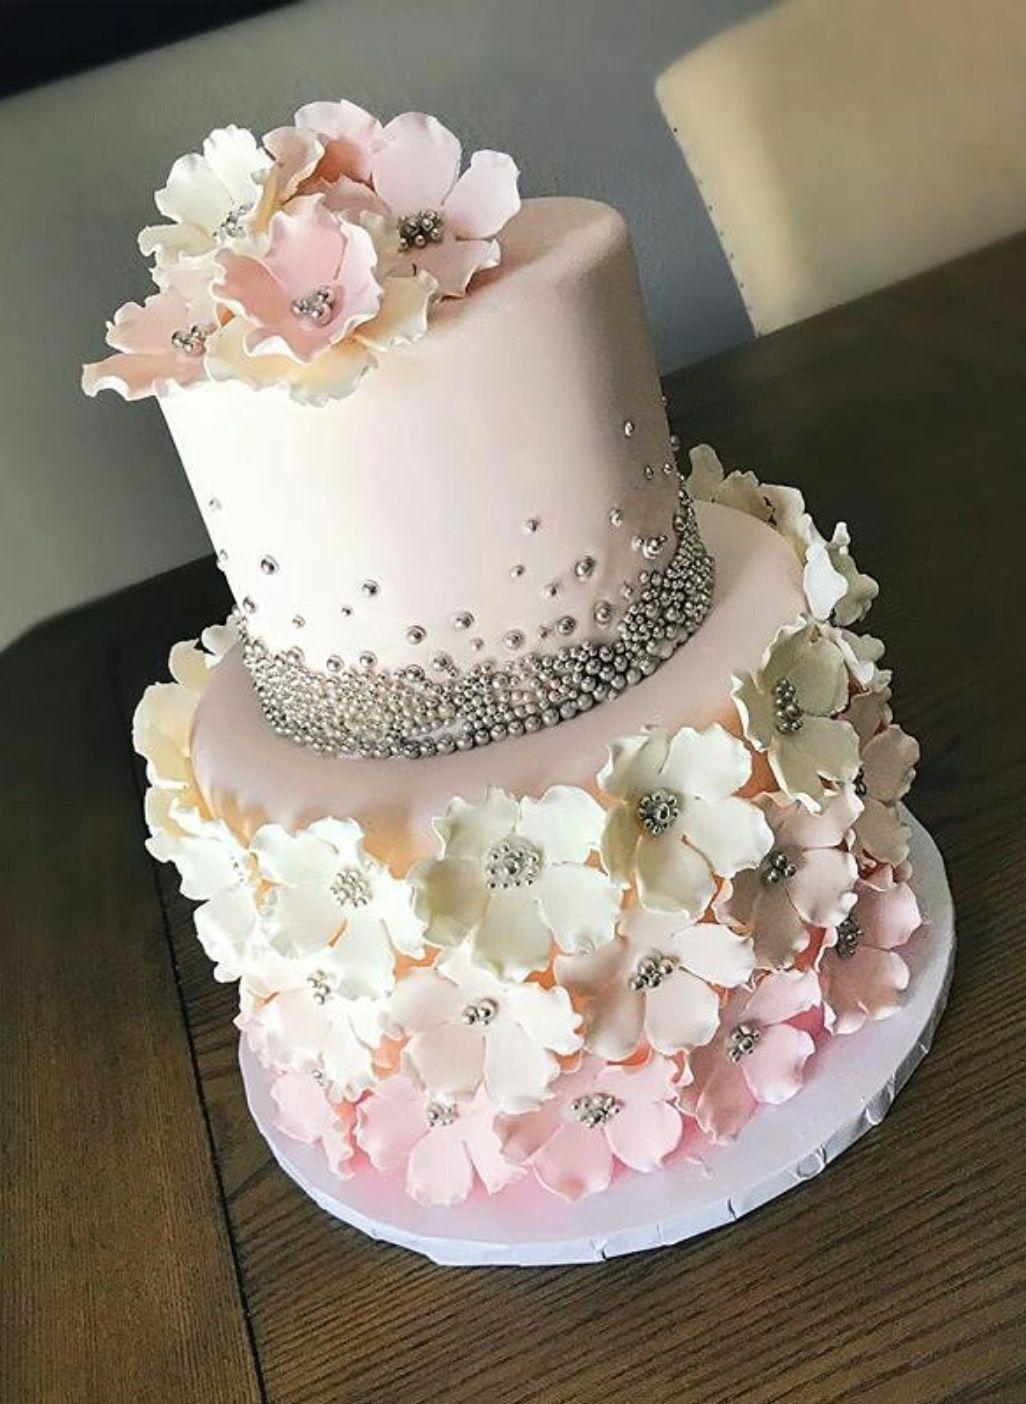 Modernweddingcakes amazing cakes pinterest cake wedding cake